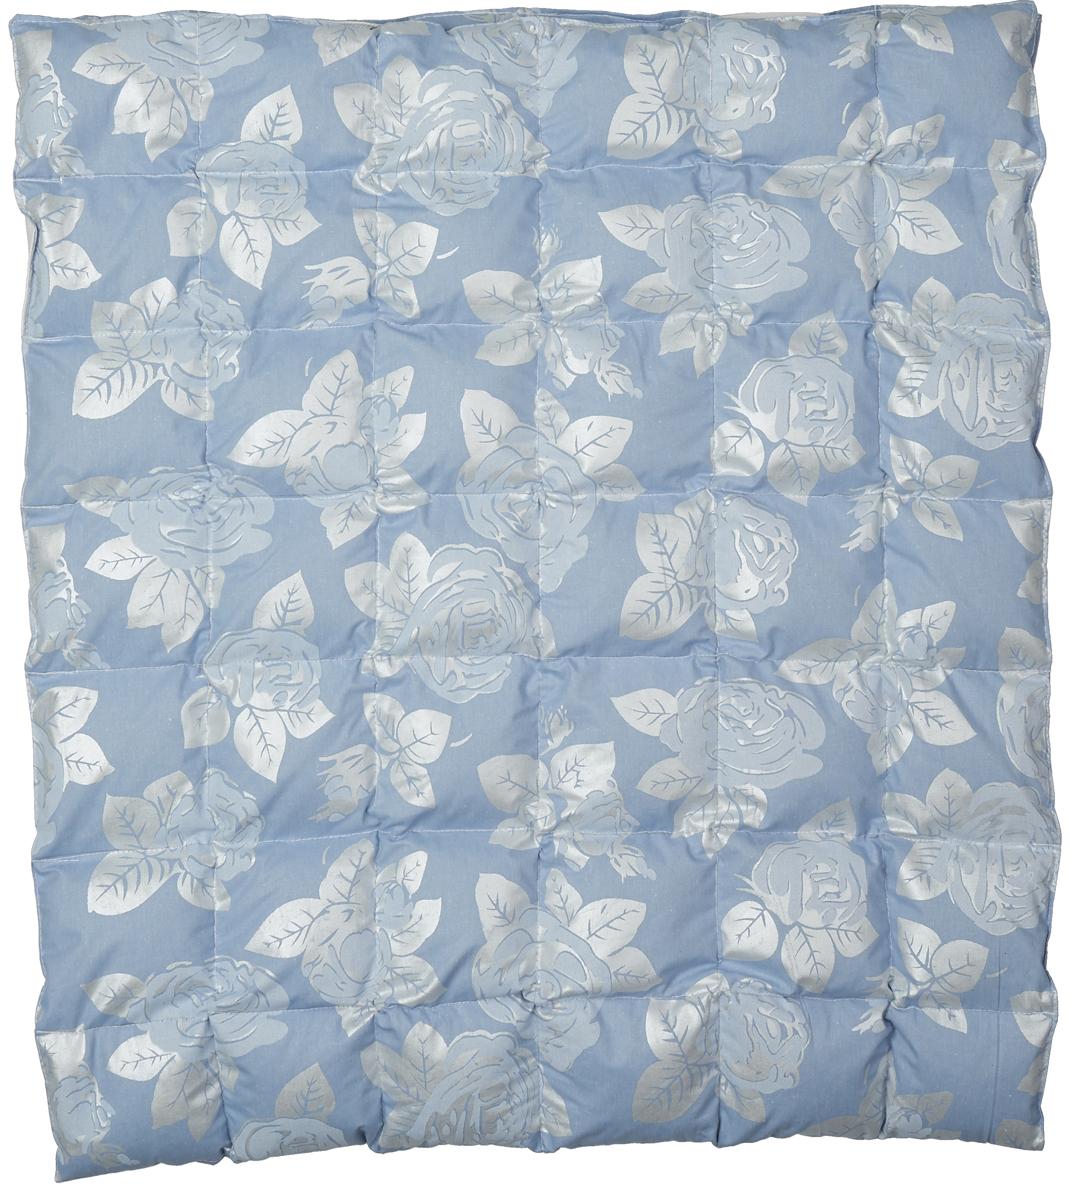 Наматрасник Bio-Textiles, наполнитель: лузга гречихи, 70 х 195 см здоровье ваших ног стельки трехслойные противогрибковые с лузгой гречихи р 25 25 5 арт н810